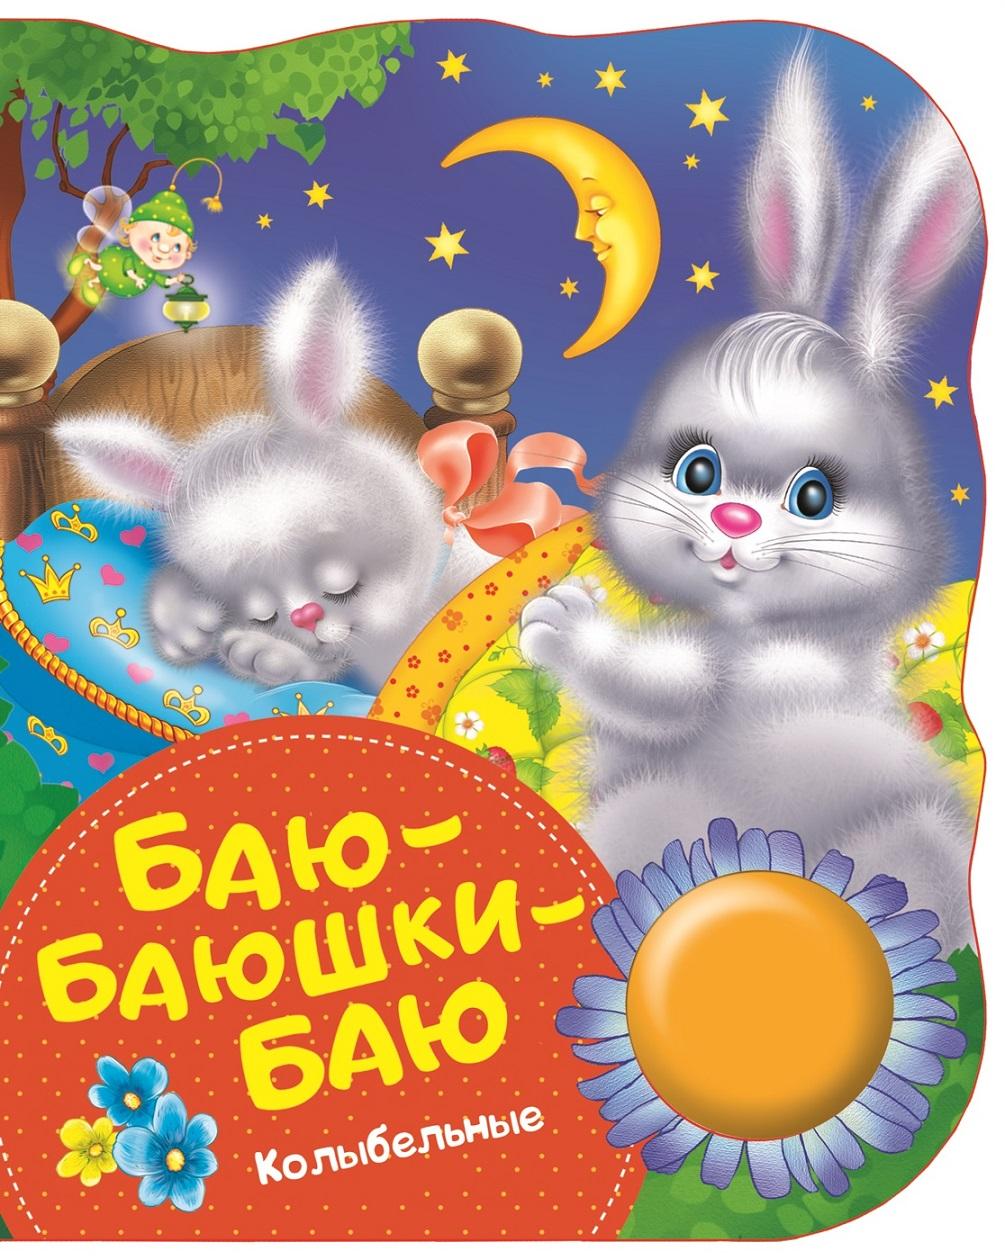 Котятова Н. И. Баю-баюшки-баю (колыбельные) (ПоющиеКн) баю баюшки баю сказки на ночь